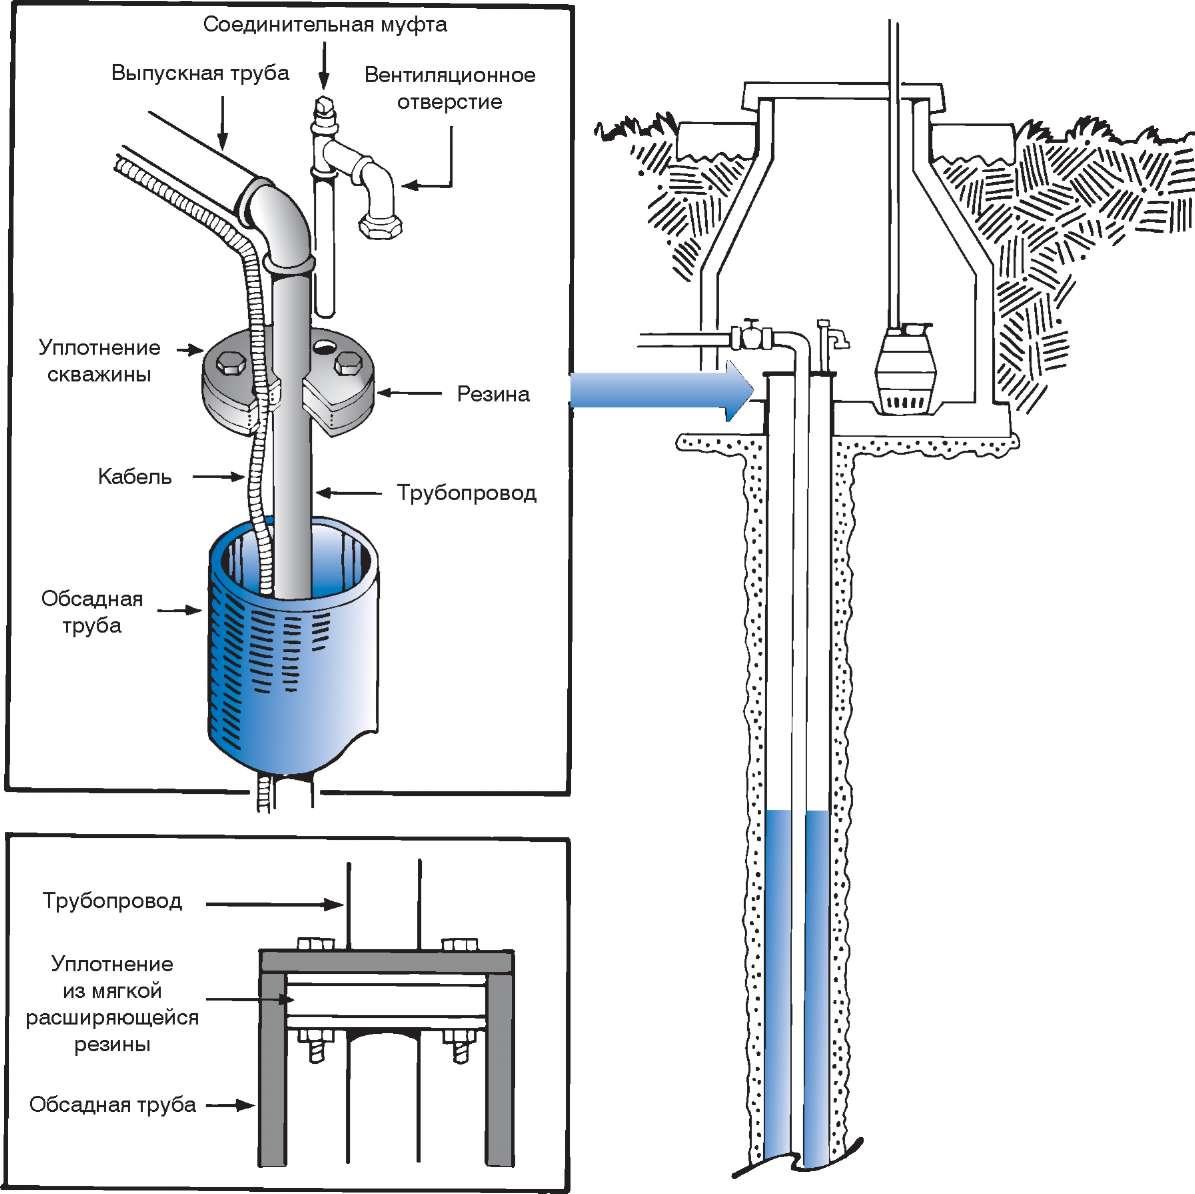 Как сделать скважину из пластиковой трубы фото 364